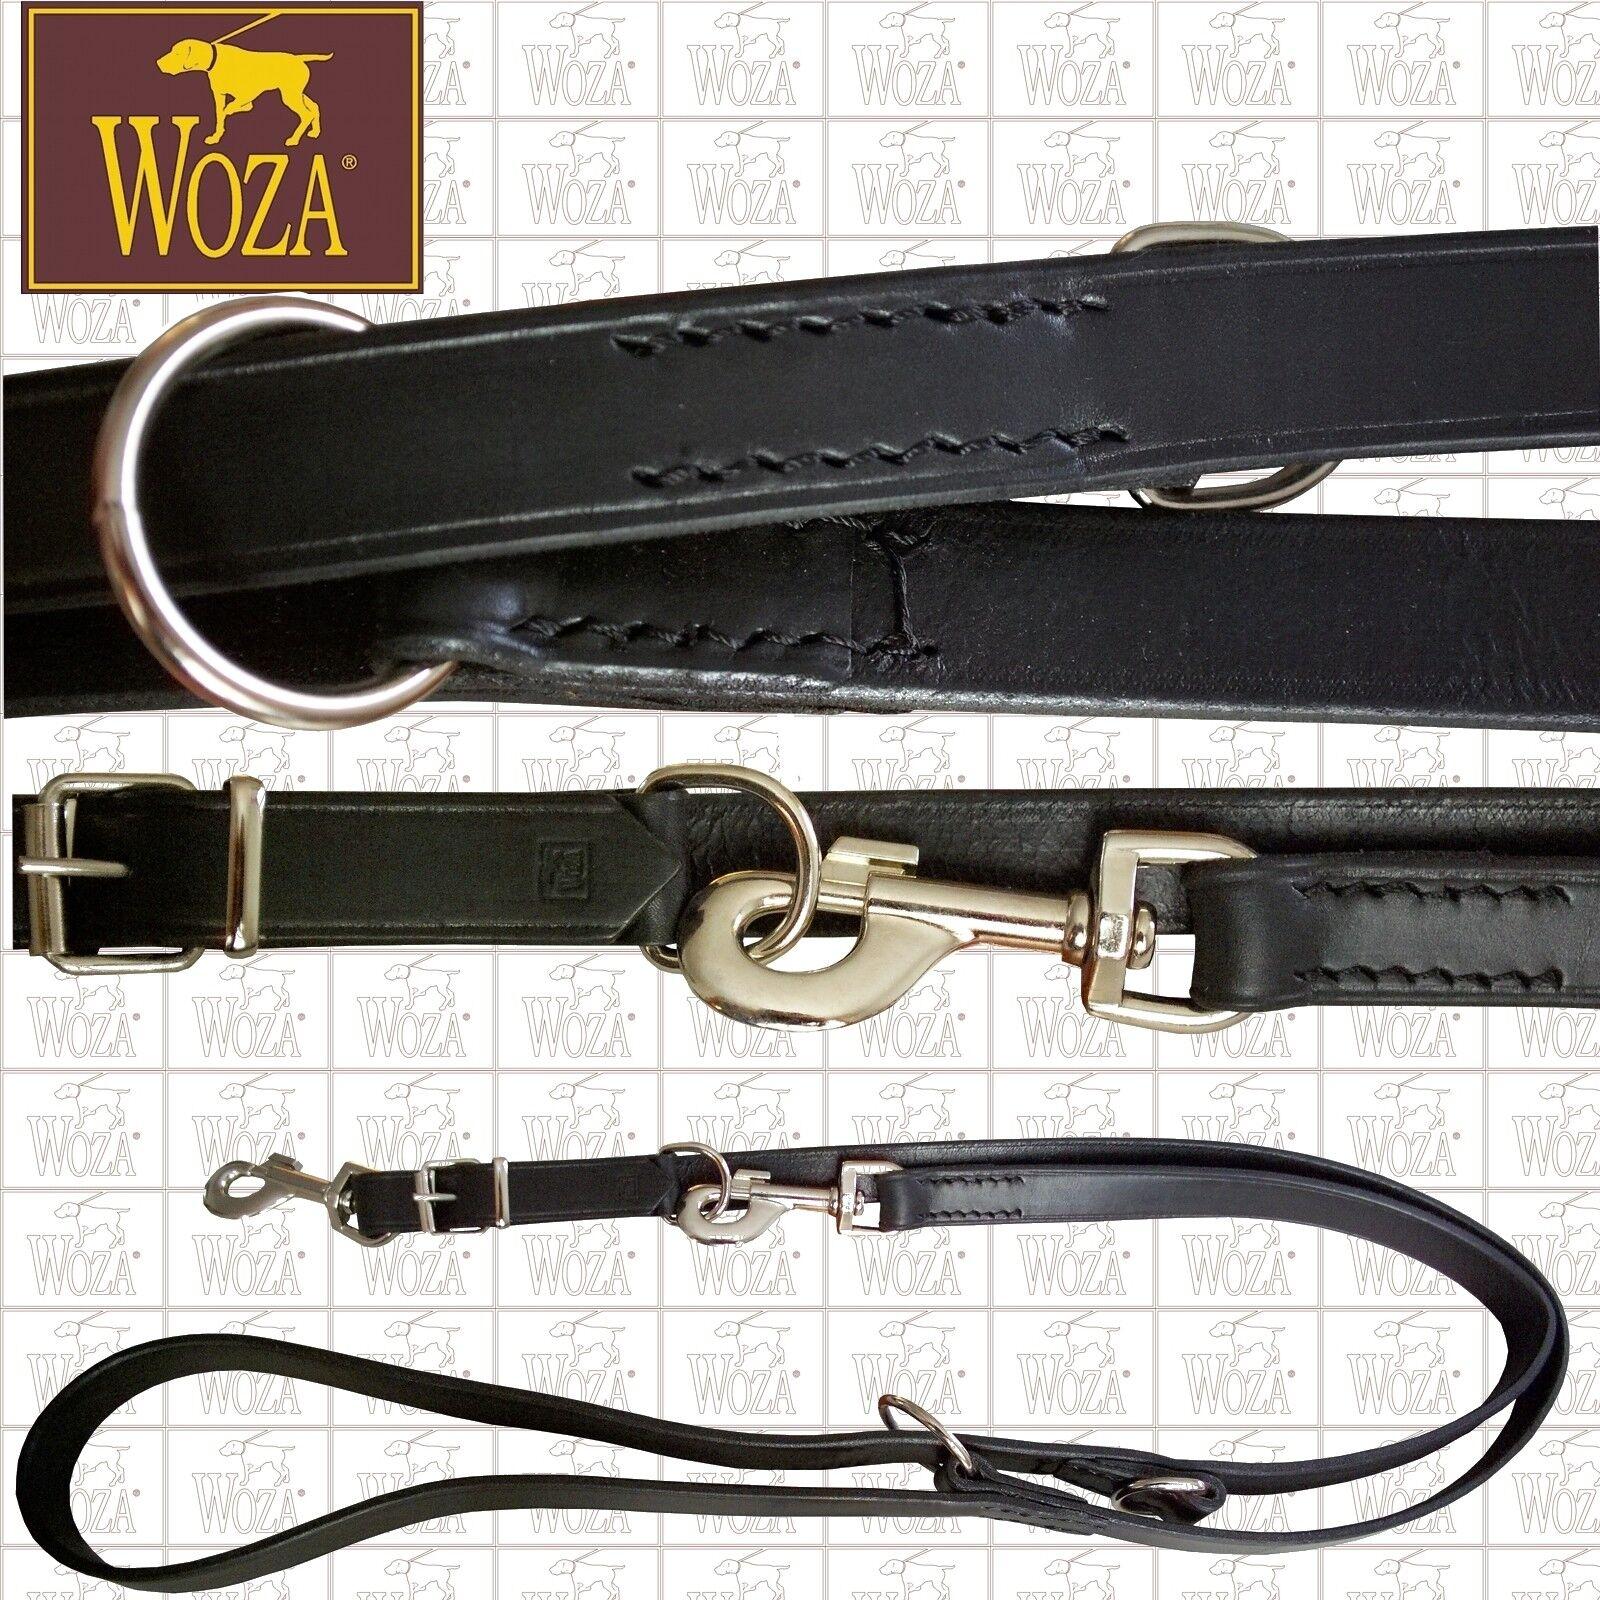 Premium Verstellbare Hundeleine  WOZA WOZA WOZA Handgenäht Vollrindleder Runde Kanten FVBZ  | Glücklicher Startpunkt  cce229